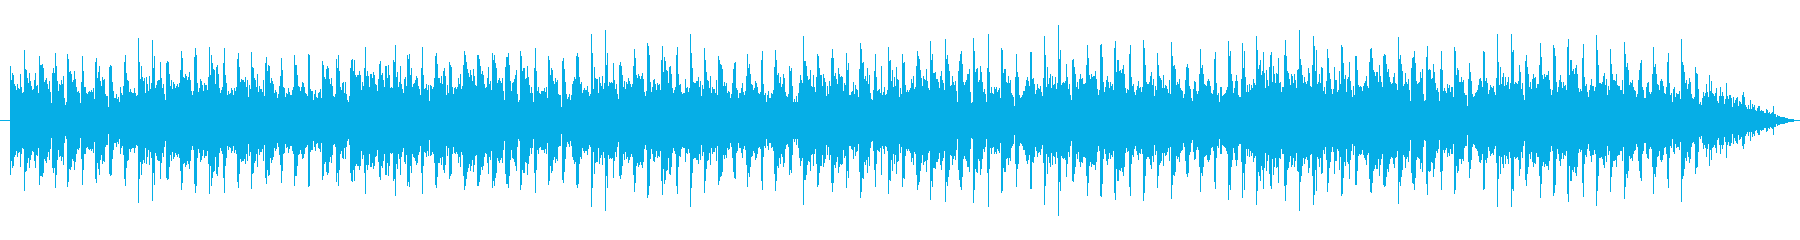 電子楽器。滑らかでセクシーなグルー...の再生済みの波形